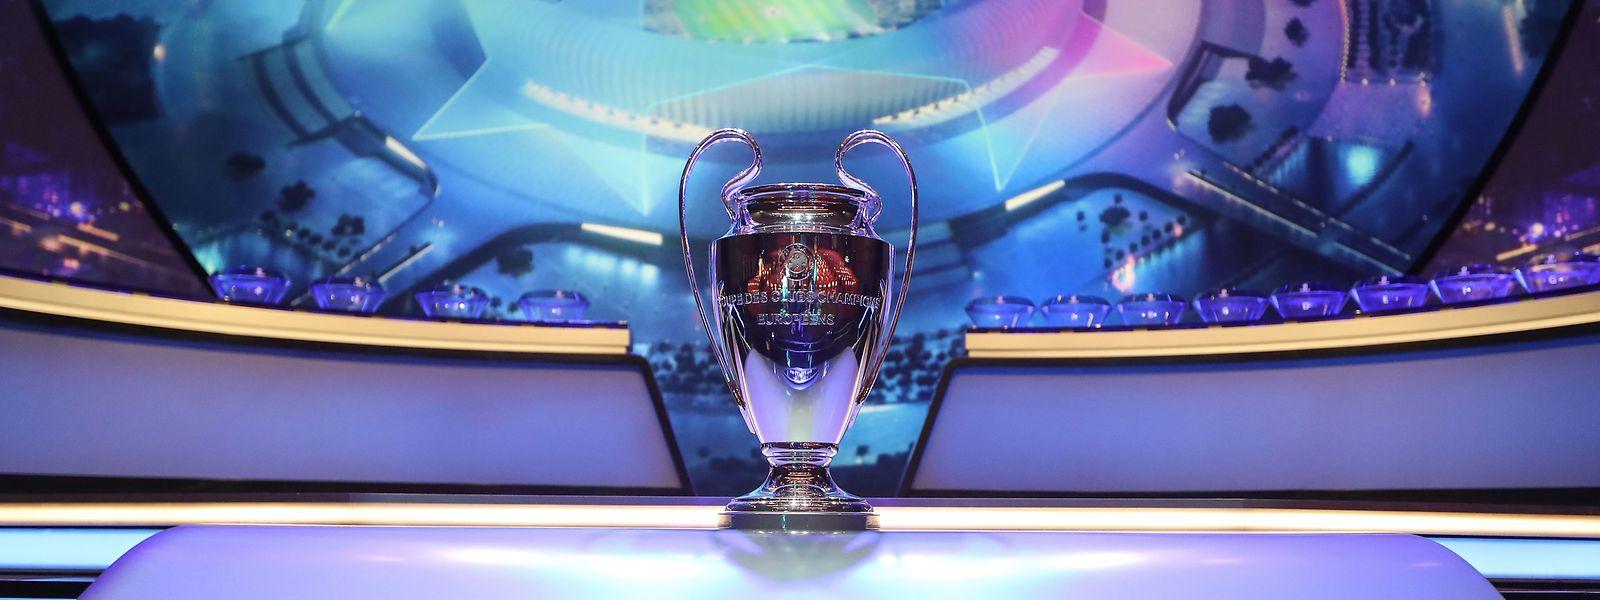 Die Champions-League-Trophäe.